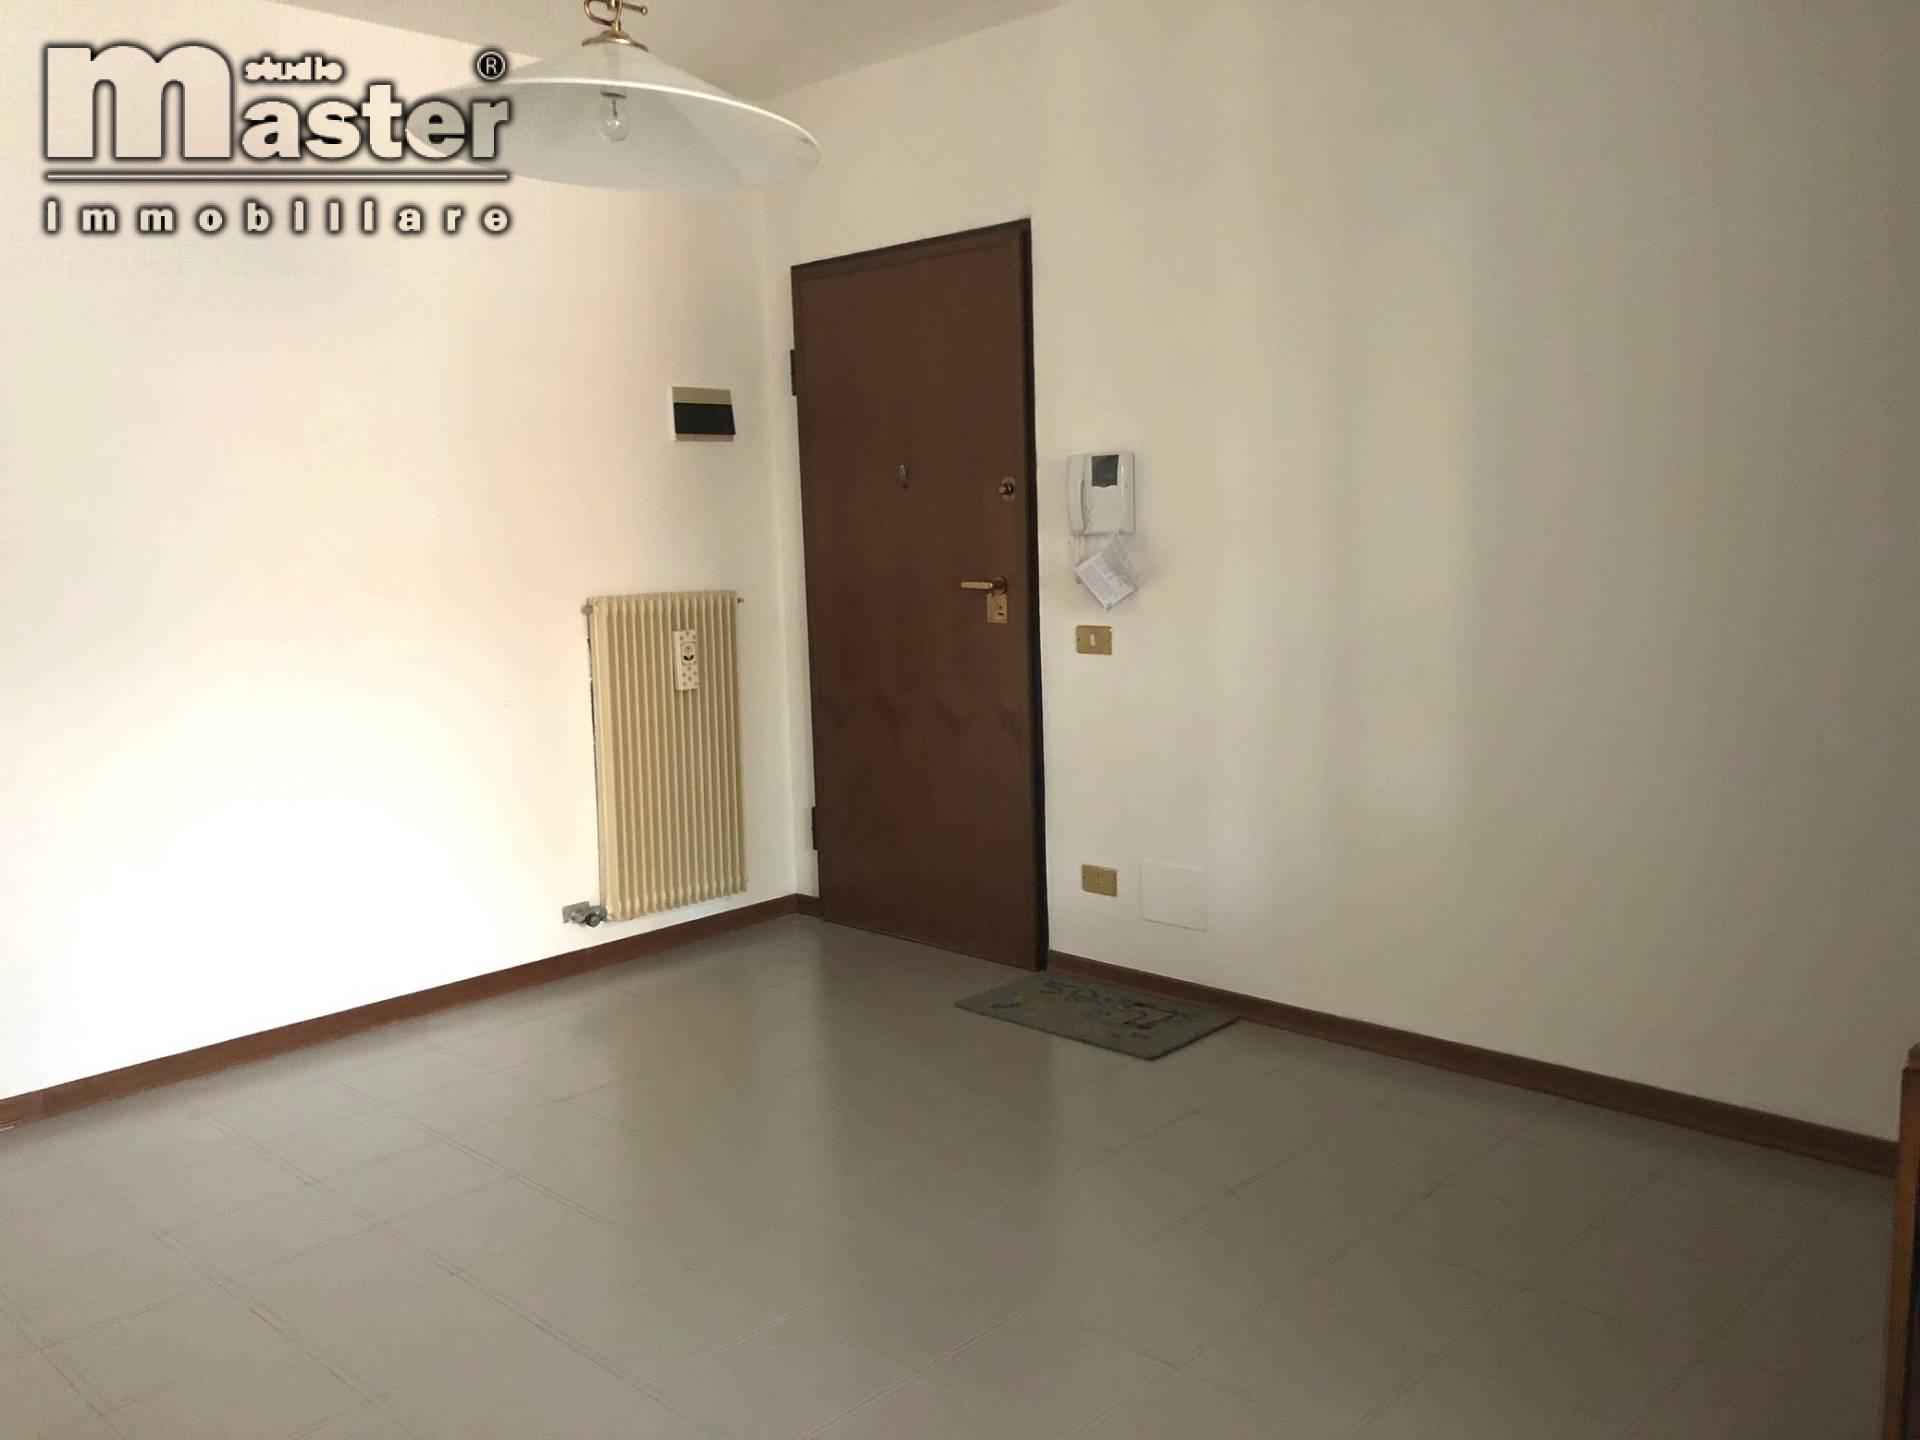 Appartamento in vendita a Ponzano Veneto, 4 locali, zona ano, prezzo € 95.000 | PortaleAgenzieImmobiliari.it